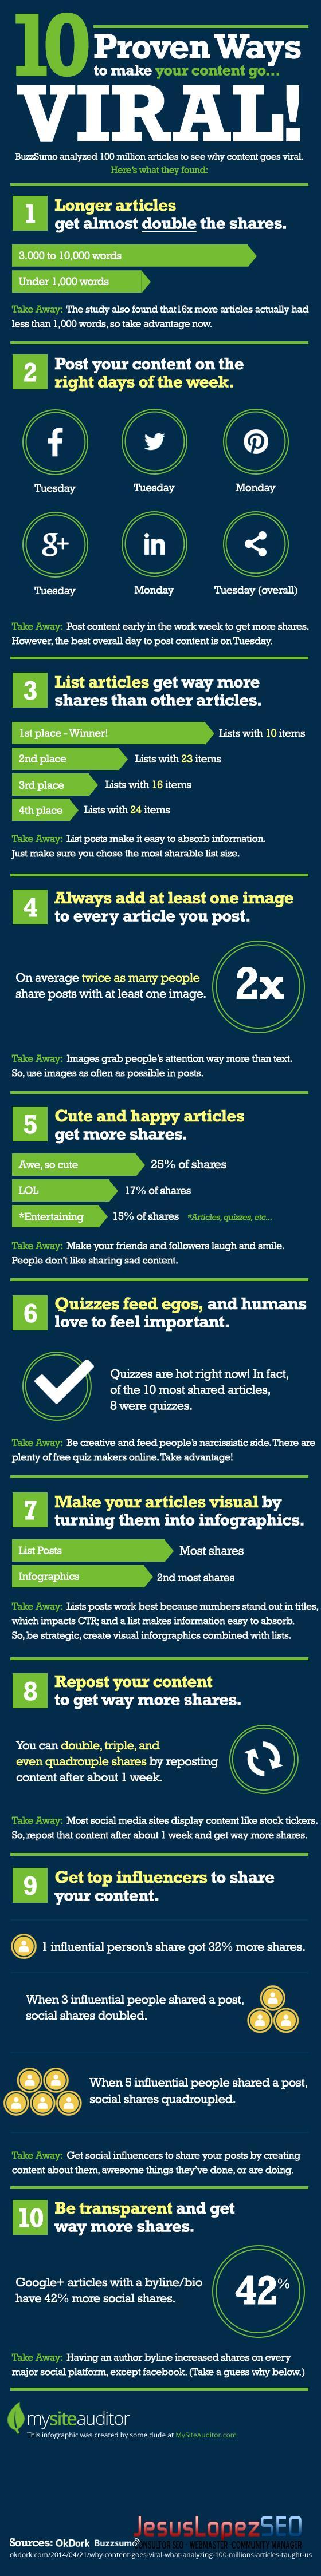 10-maneras-hacer-contenido-viral